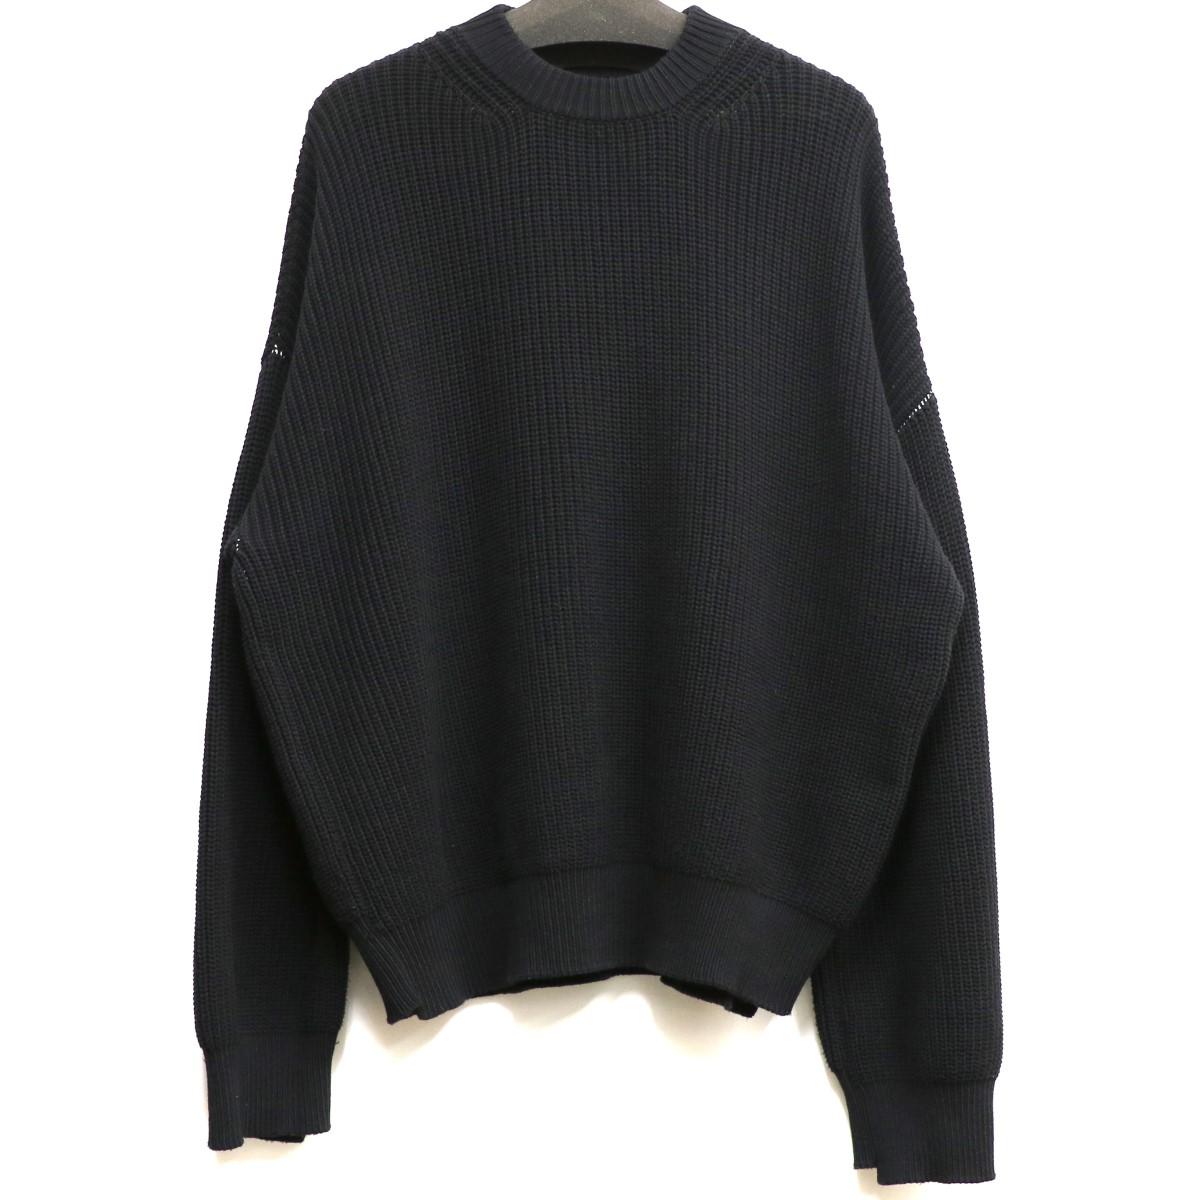 【中古】UNUSED 18SS COTTON NYLON 5G KNITローゲージコットンニットセーター ブラック サイズ:1 【020520】(アンユーズド)